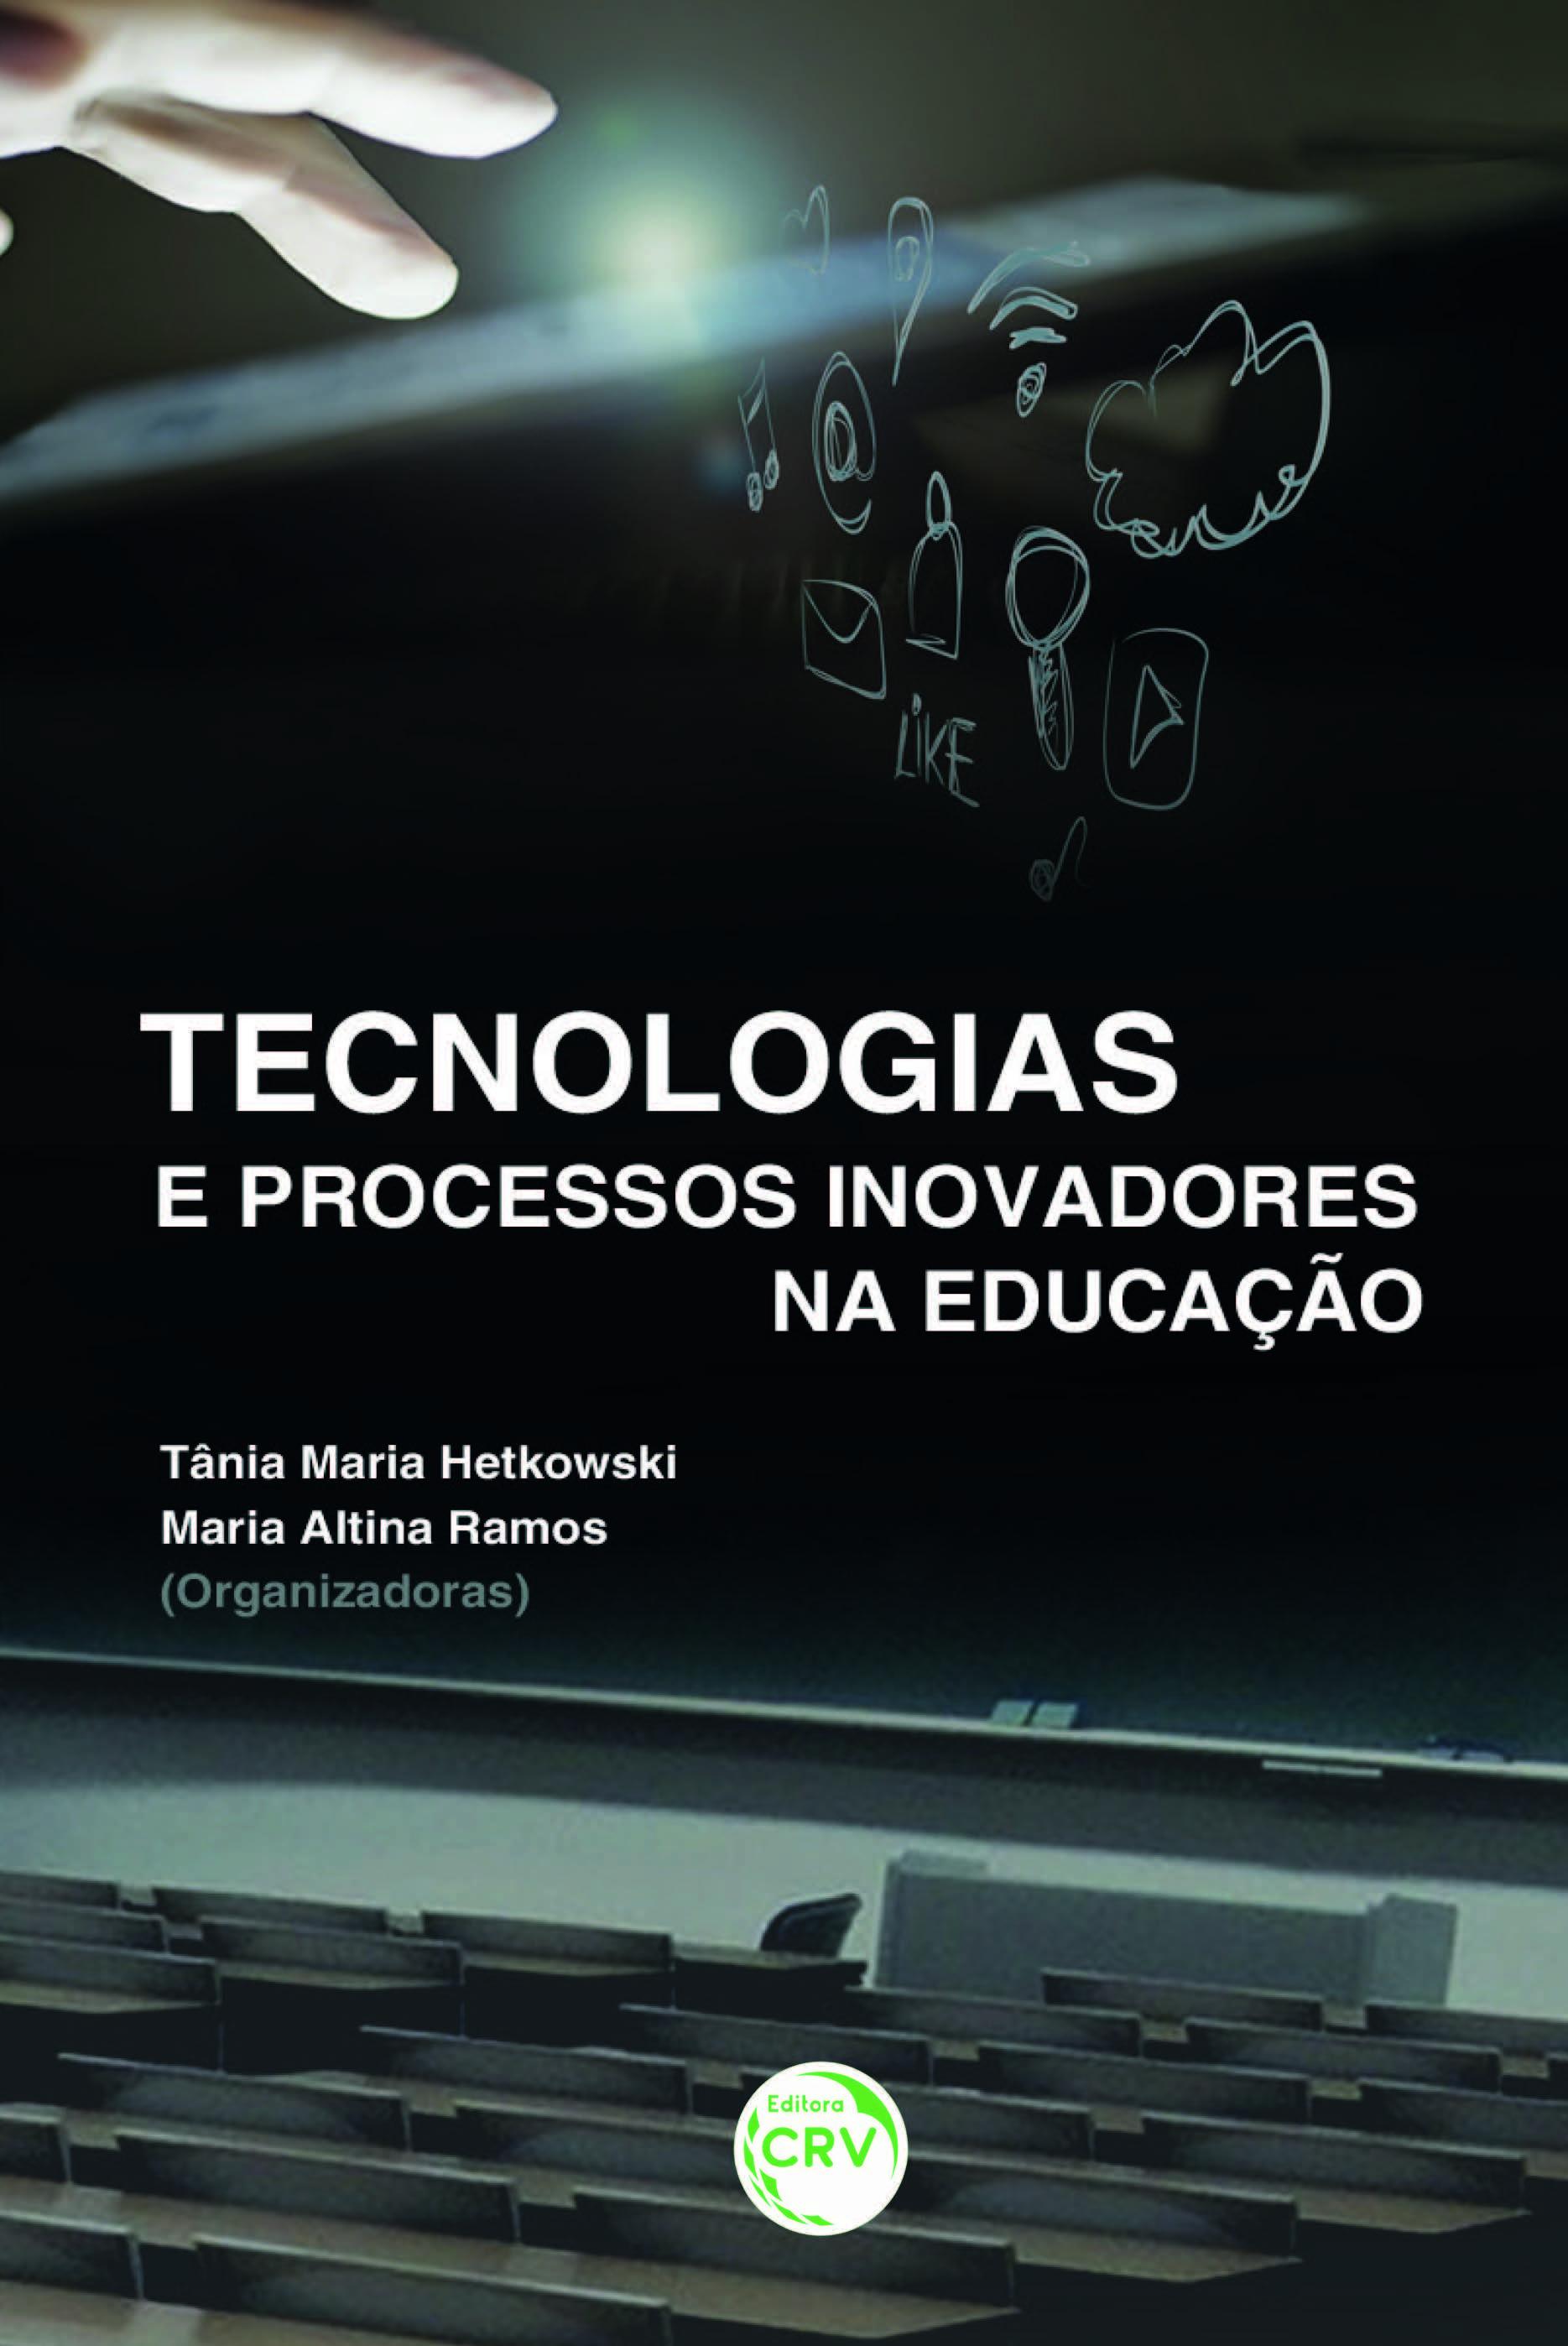 Capa do livro: TECNOLOGIAS E PROCESSOS INOVADORES NA EDUCAÇÃO